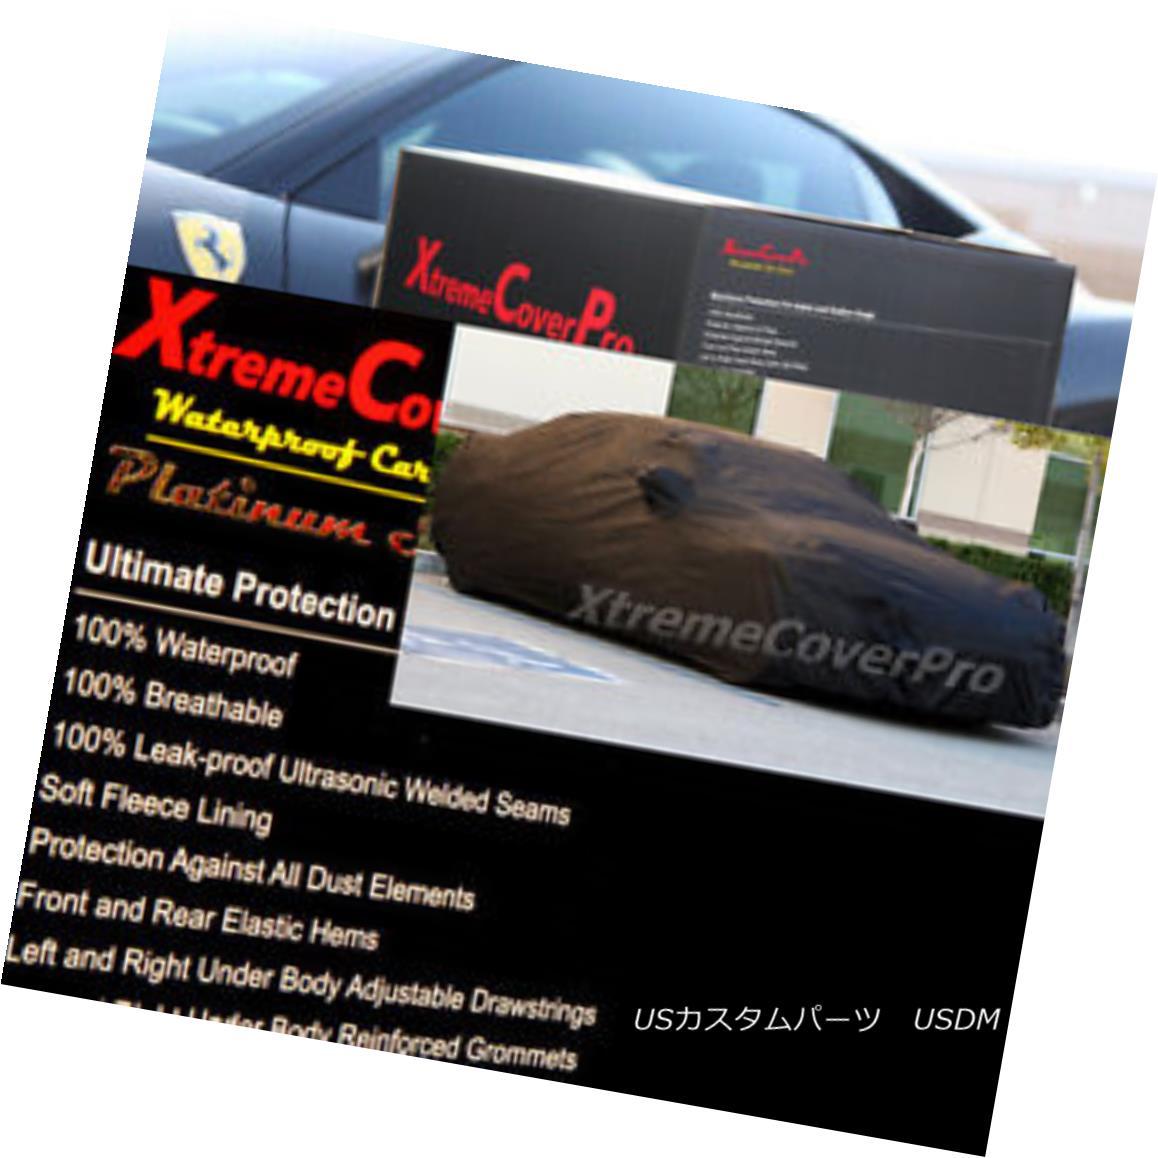 カーカバー 2006 2007 2008 2009 Chevy Impala Waterproof Car Cover w/MirrorPocket 2006年2007年2008年シボレーインパラ防水カーカバー付き(MirrorPocket)